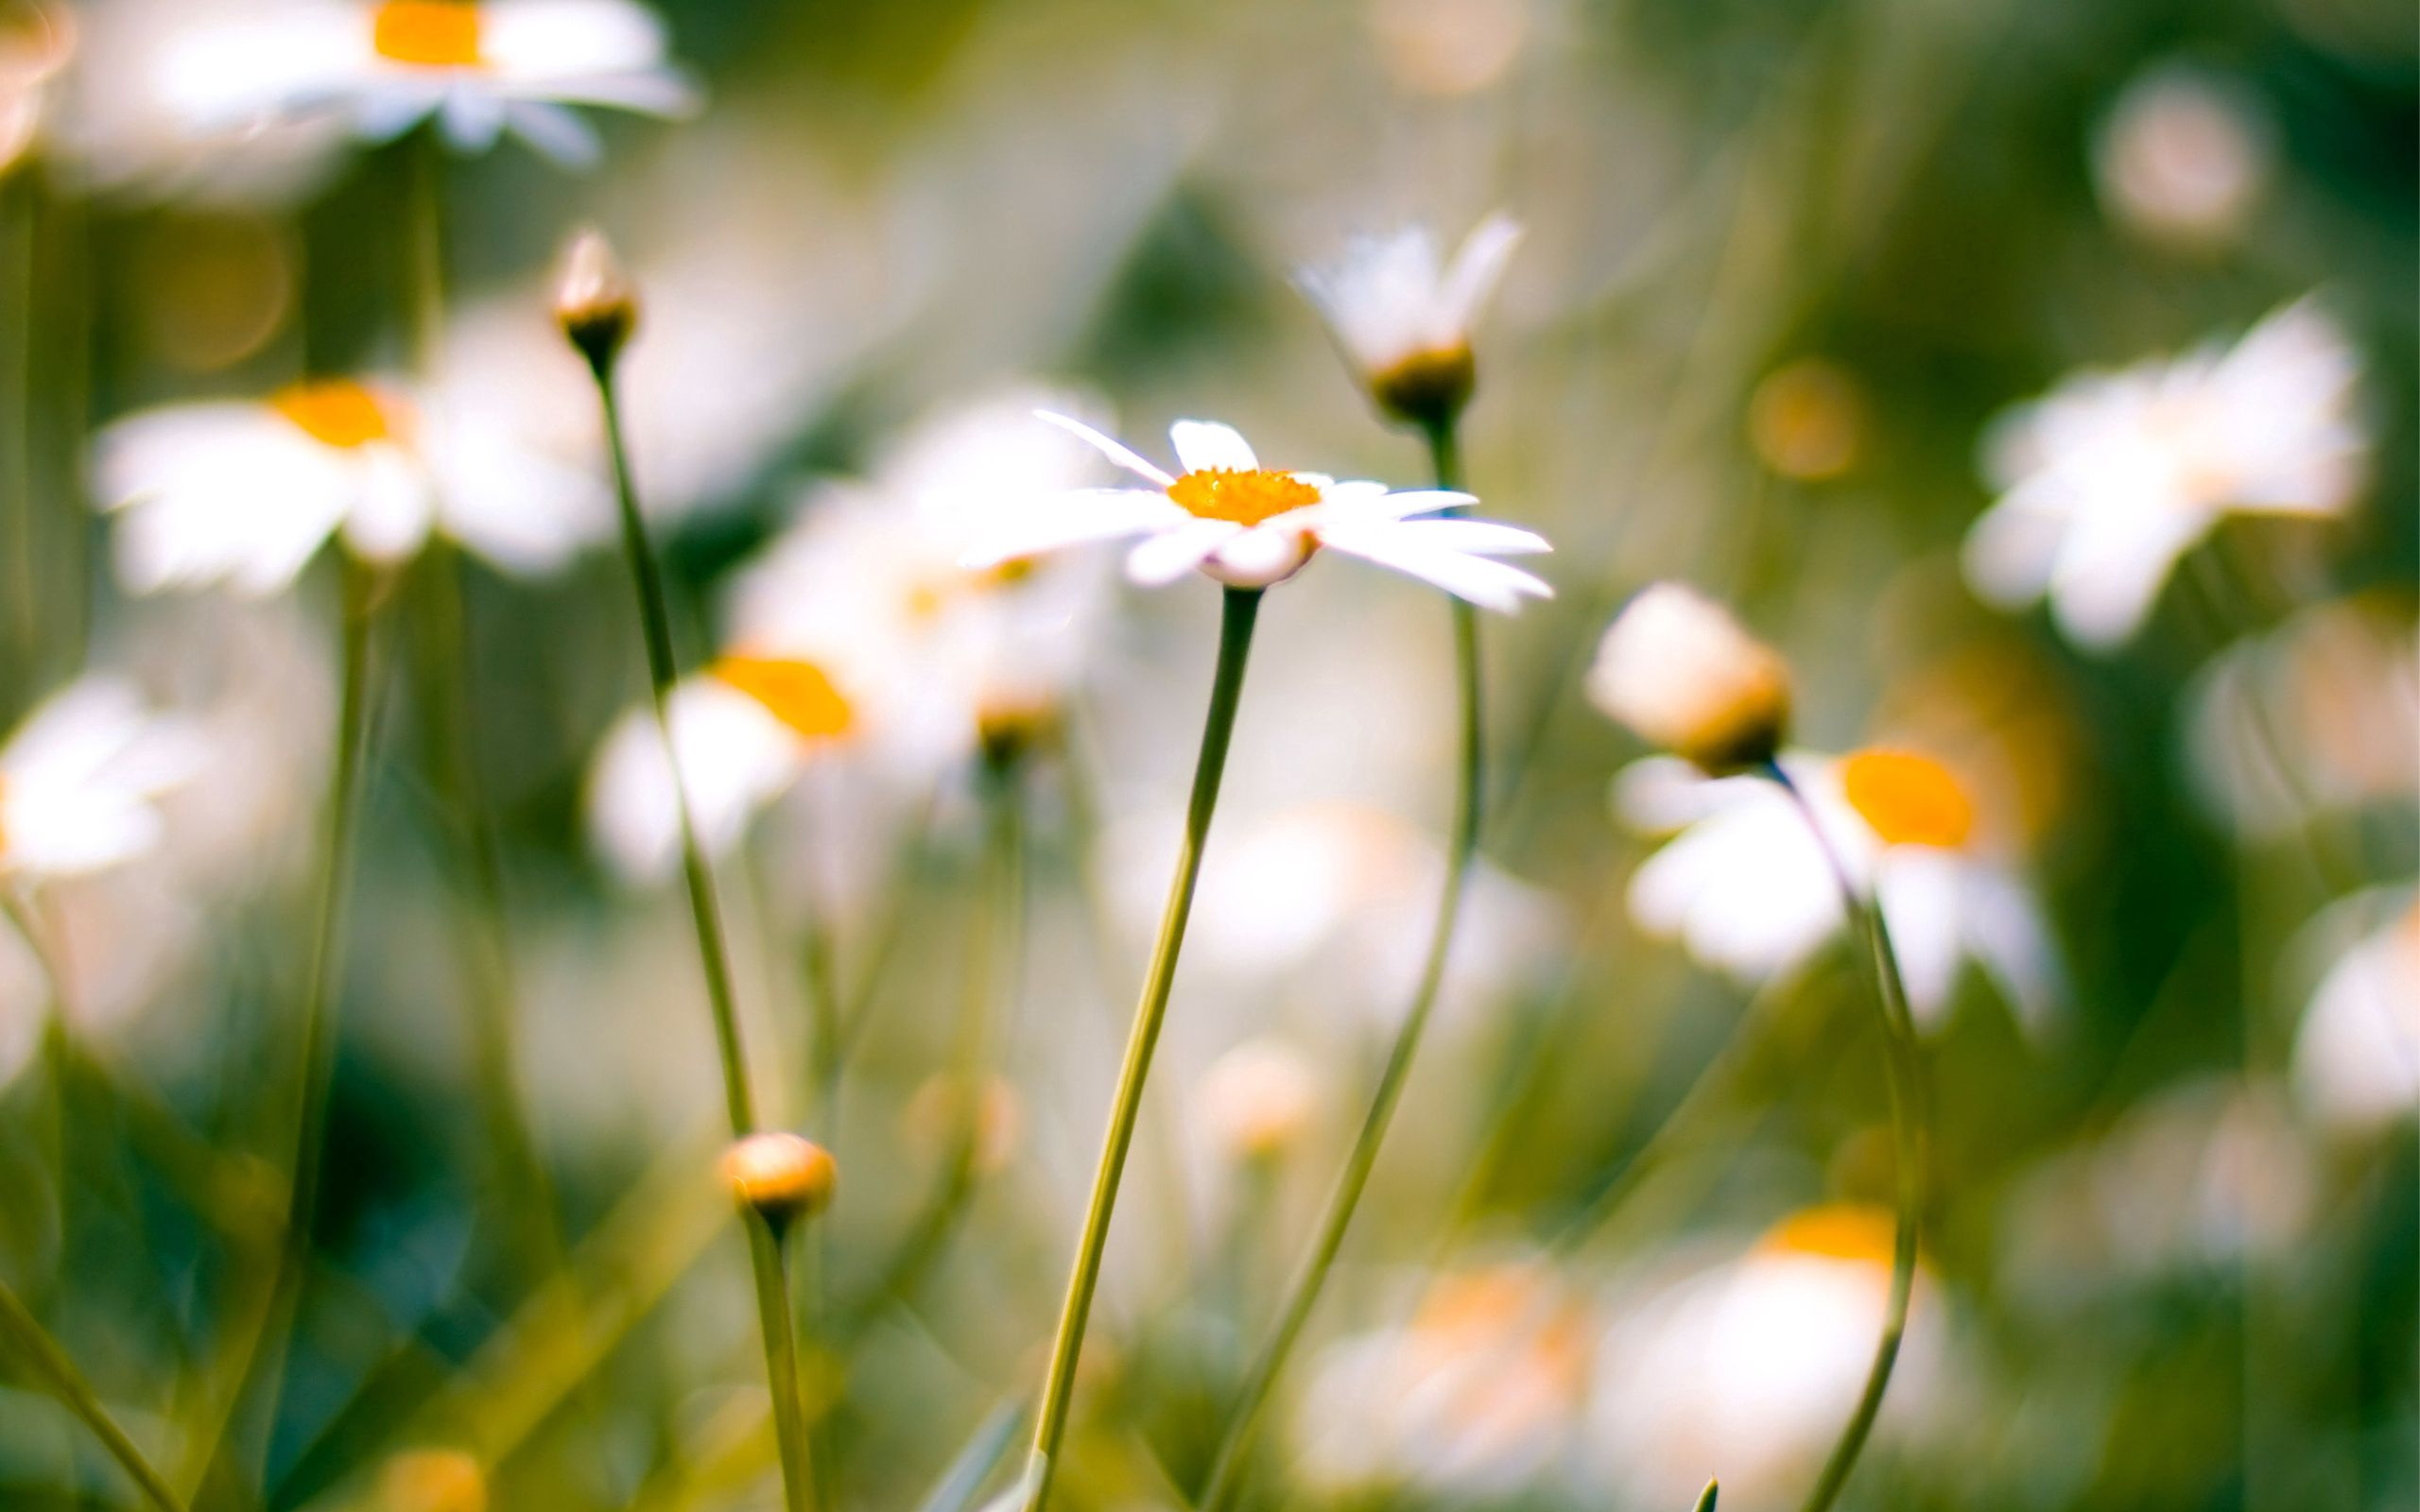 109469 Hintergrundbild herunterladen Kamille, Blume, Pflanze, Makro, Unschärfe, Glatt, Feld - Bildschirmschoner und Bilder kostenlos